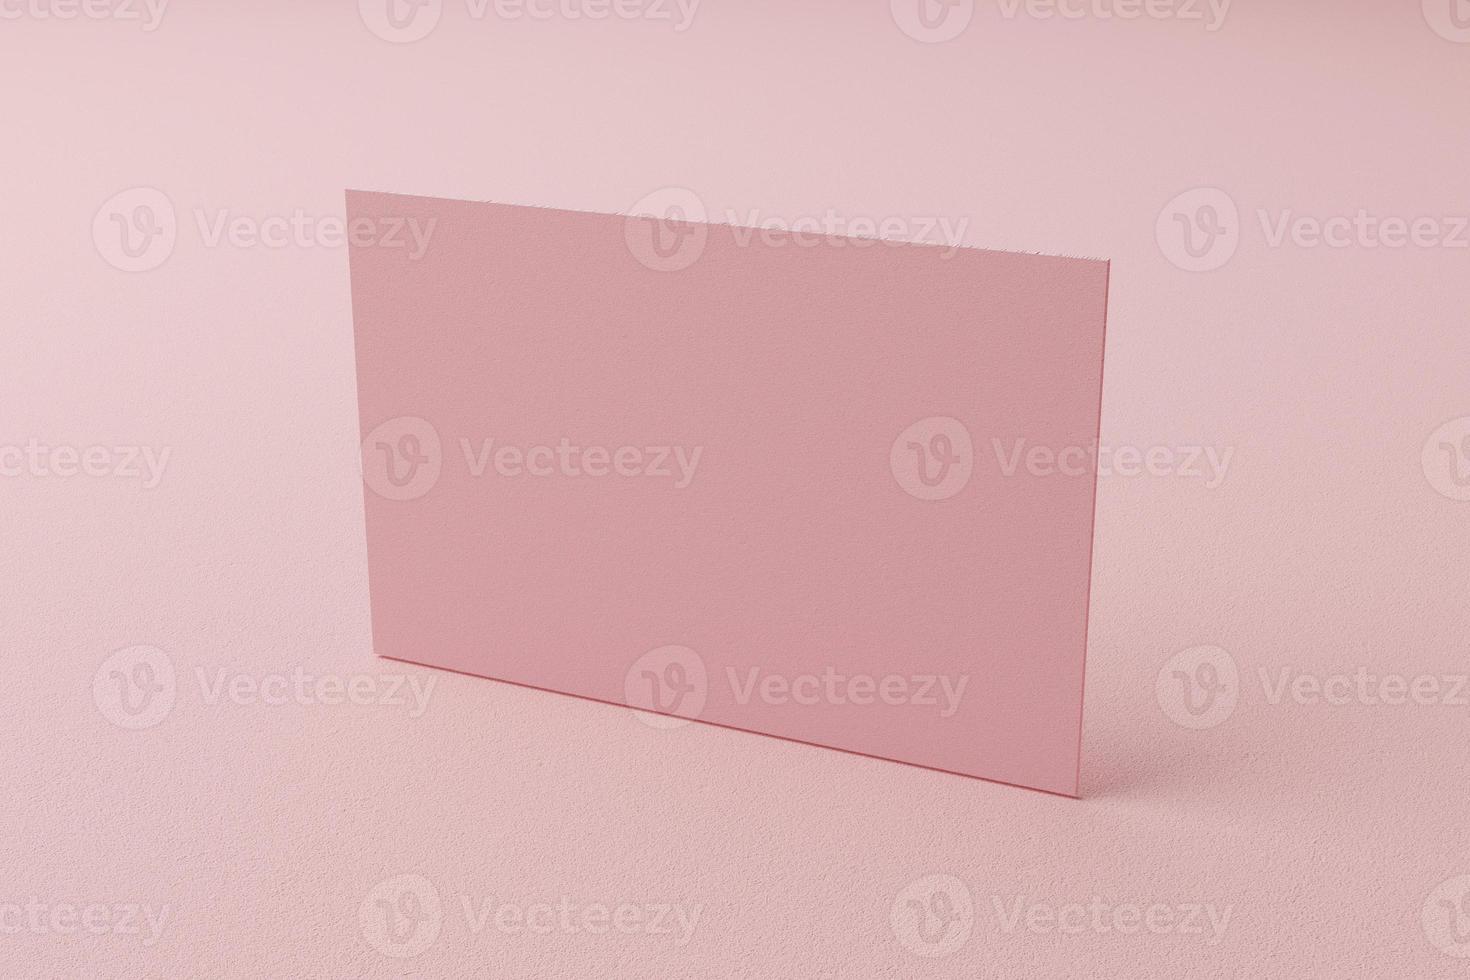 roze pastel visitekaartje papieren mockup sjabloon met lege ruimte omslag voor invoegen bedrijfslogo of persoonlijke identiteit op kartonnen achtergrond. modern stijlconcept. zijaanzicht. 3d illustratie render foto